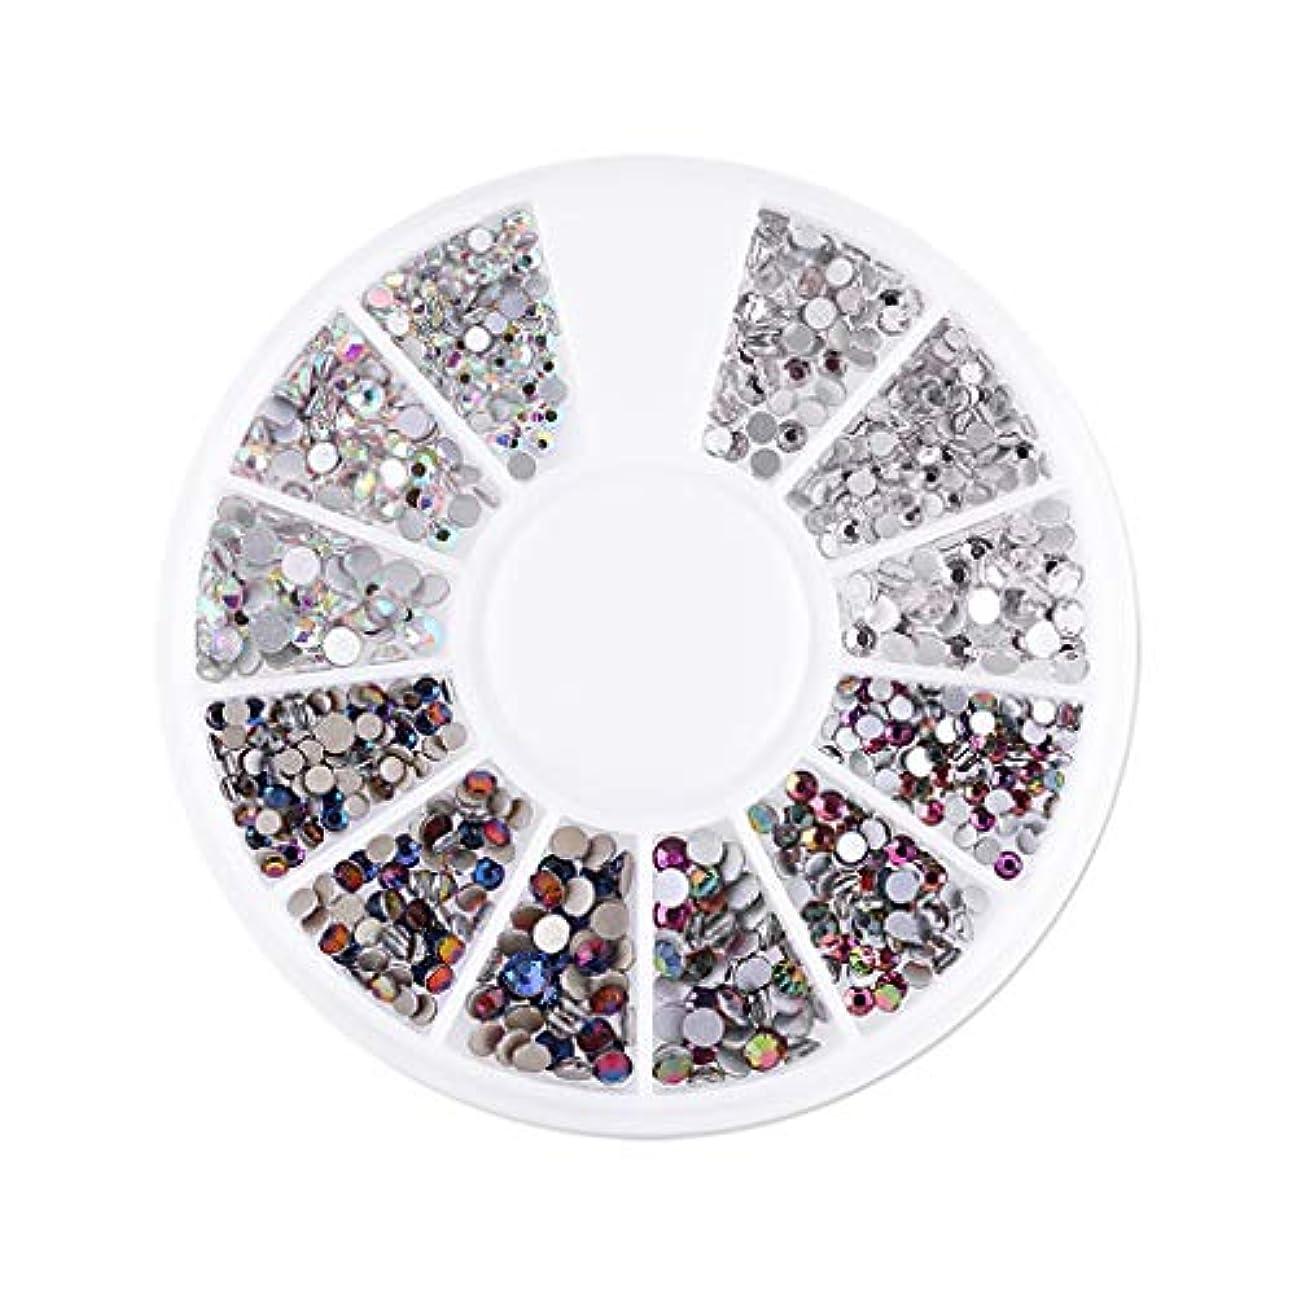 羽無見出しPosmant 美容 ツール ネイル用品 ネイルドリル マニキュア ペディキュア 便利な 高品質 耐久性あり 携帯便利 ファッション パーティー 多目的 マニキュア メイク 複数の色 選択できます